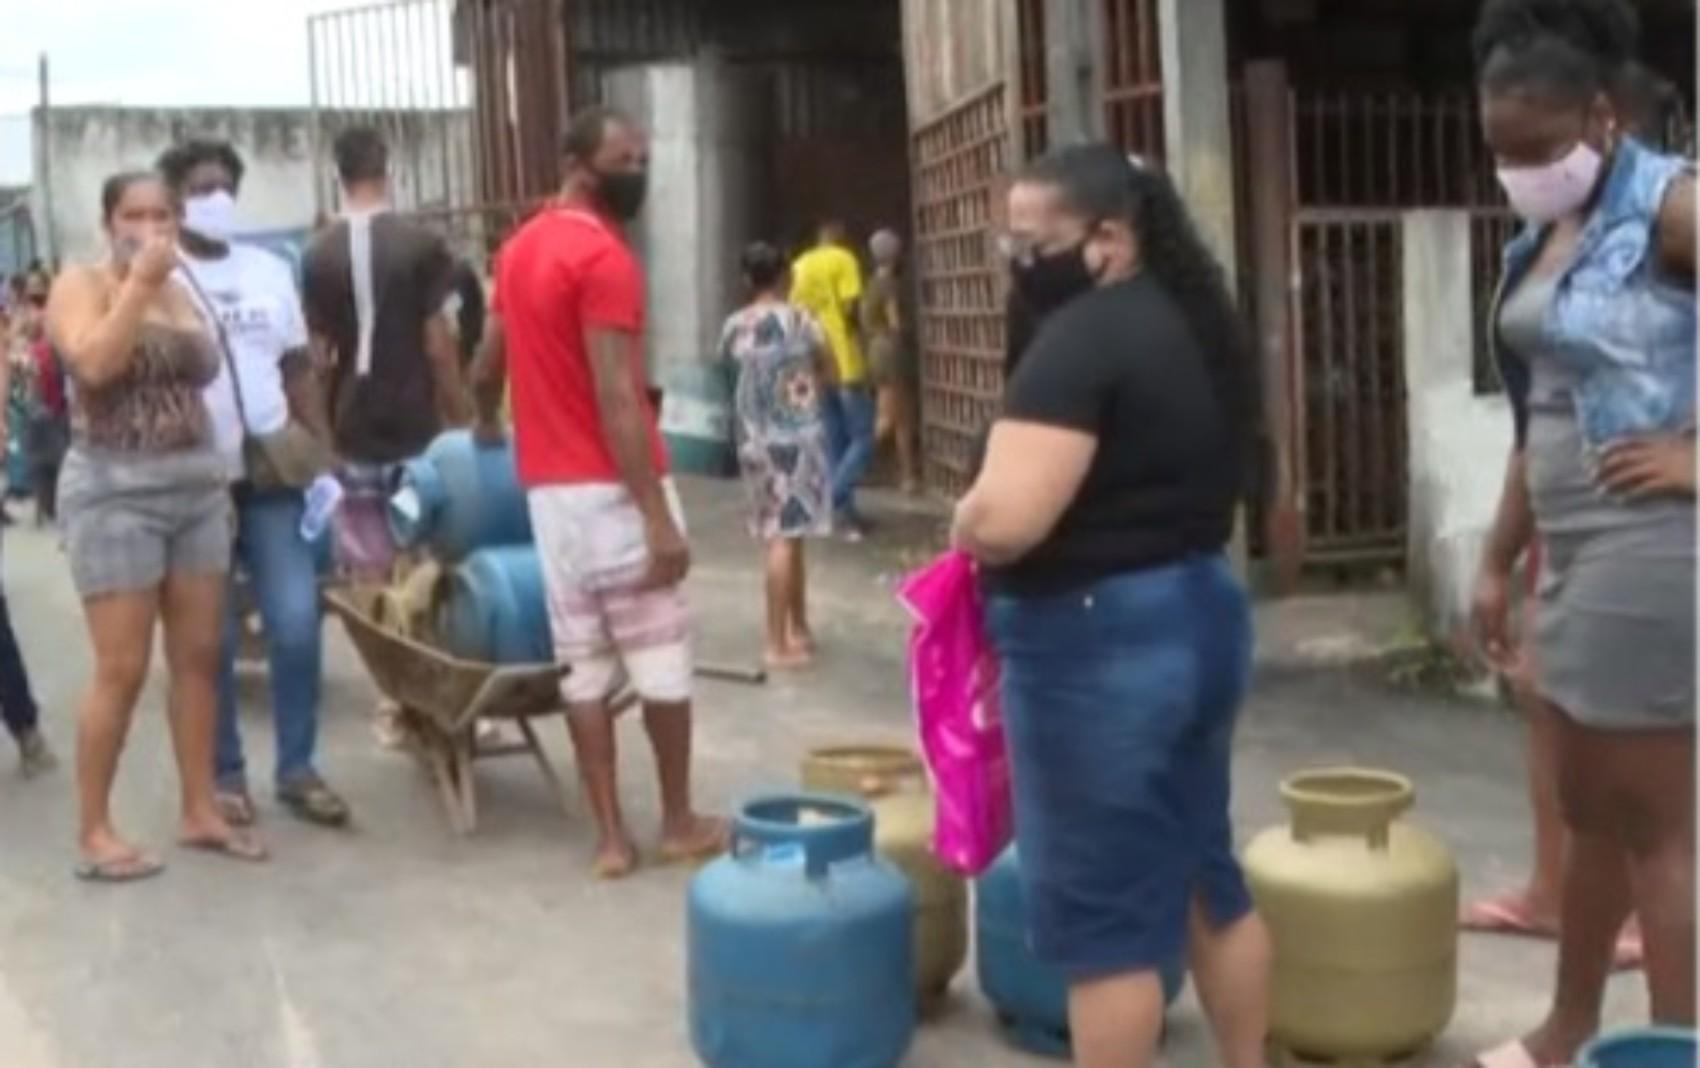 CUFA realiza distribuição gratuita de cerca de mil botijões de gás para projeto 'Mães da Favela', em Salvador